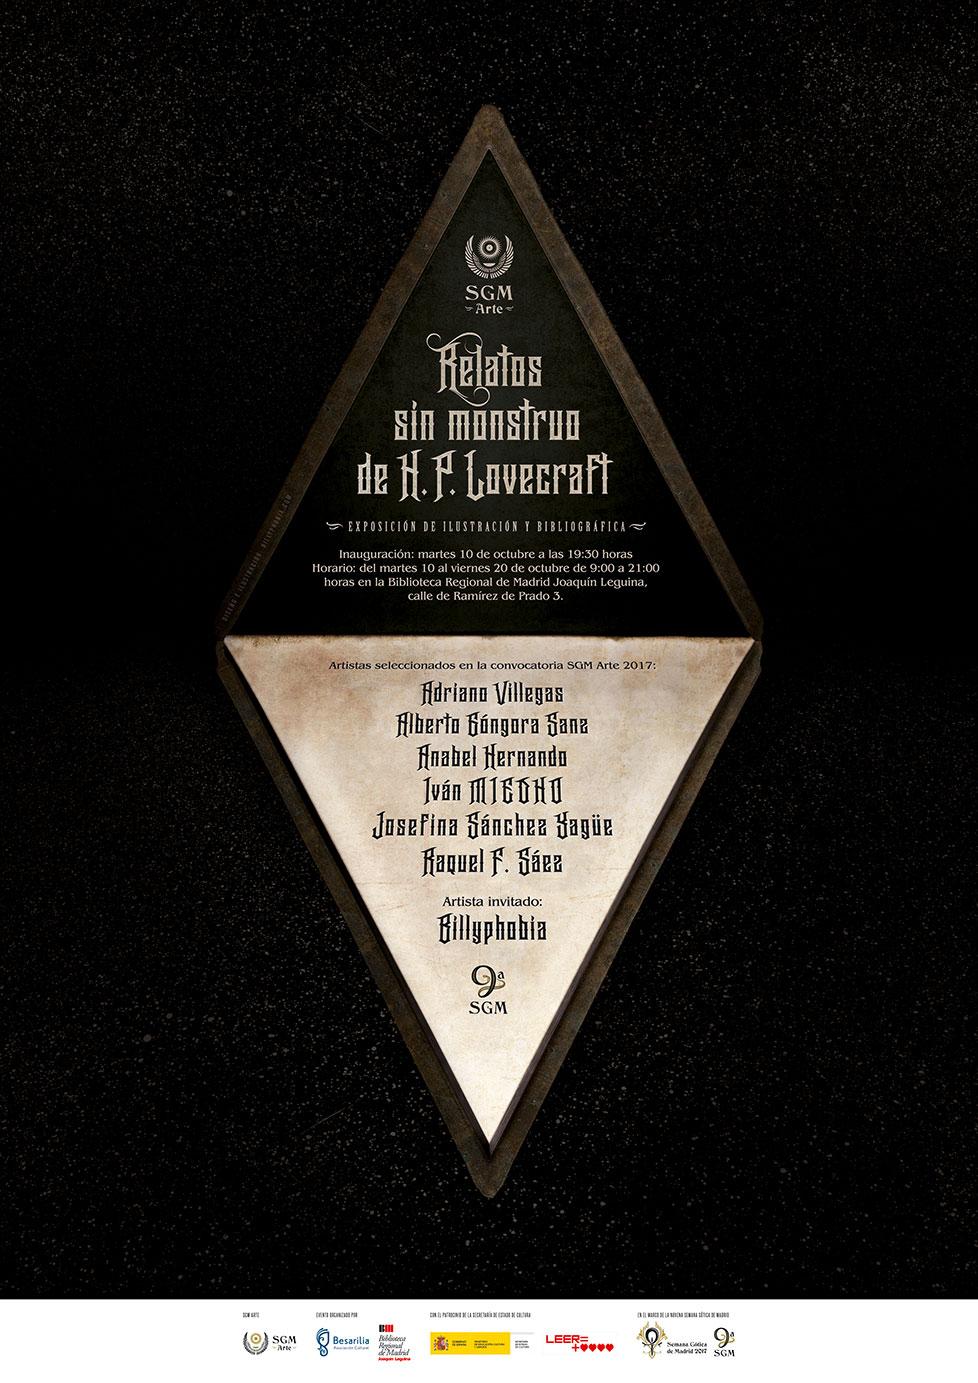 SGM Arte - 9ª Semana Gótica de Madrid - Cartel de Billyphobia © 2017